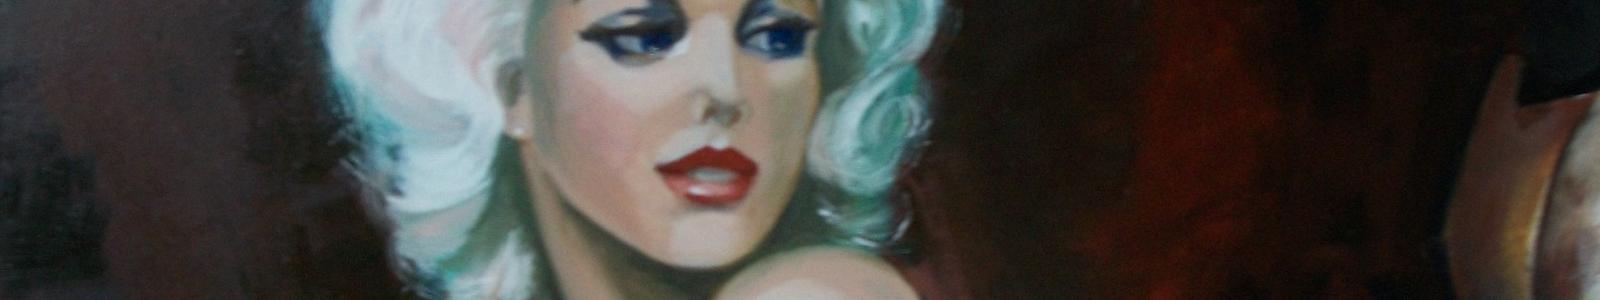 Galerie Bildmaler Alla \almoro\ Morozova